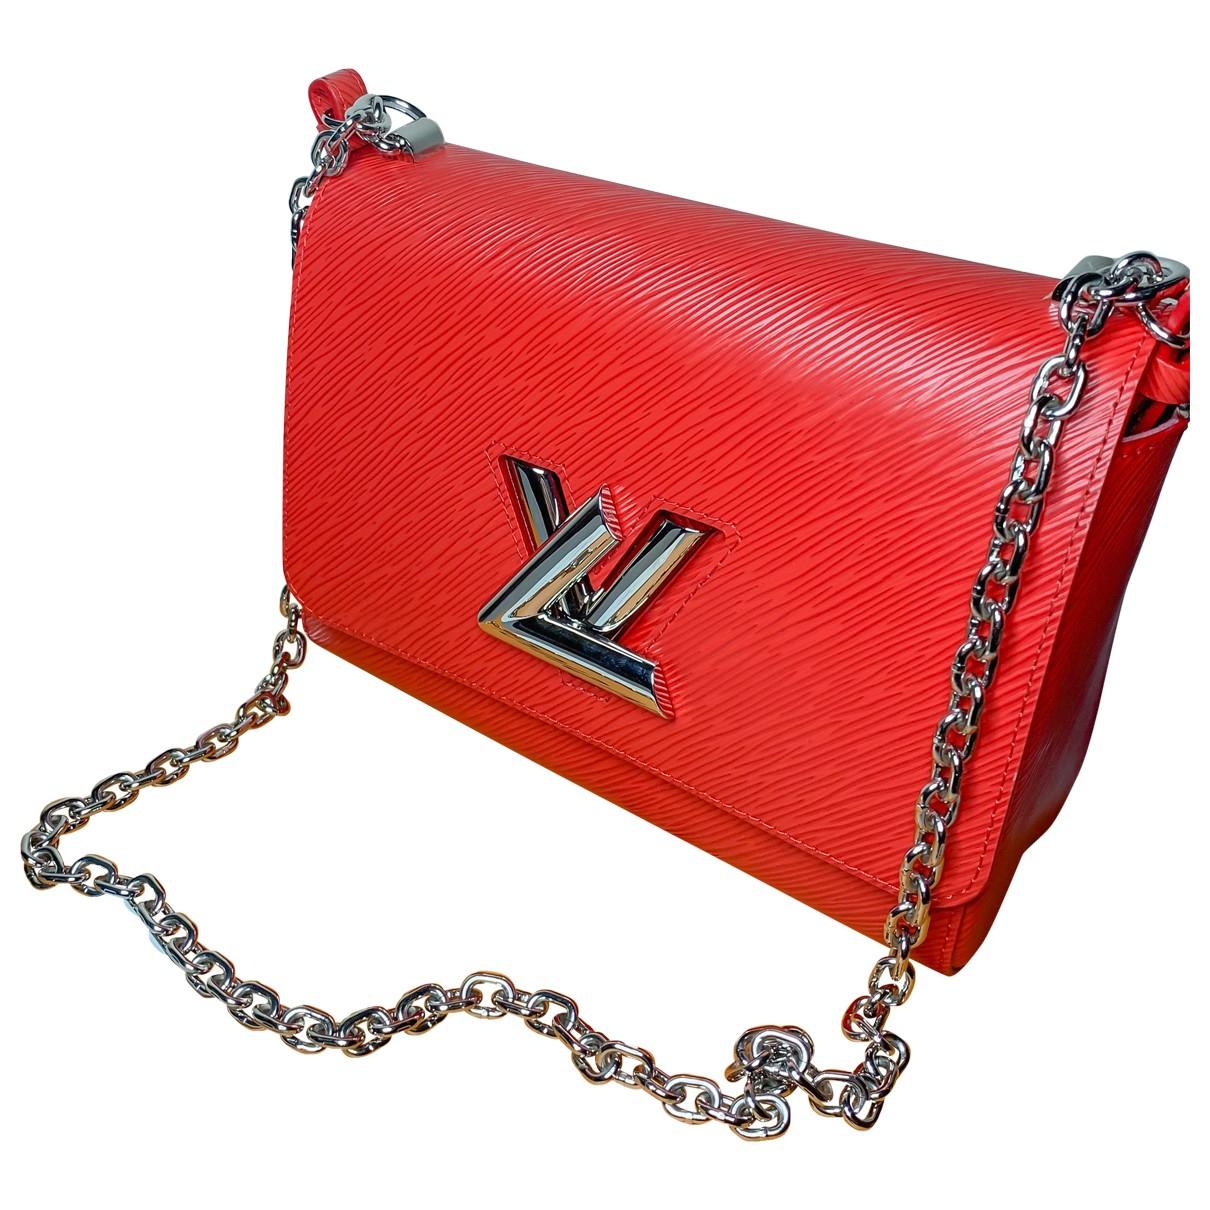 Louis Vuitton - Sac a main Twist pour femme en cuir - rouge